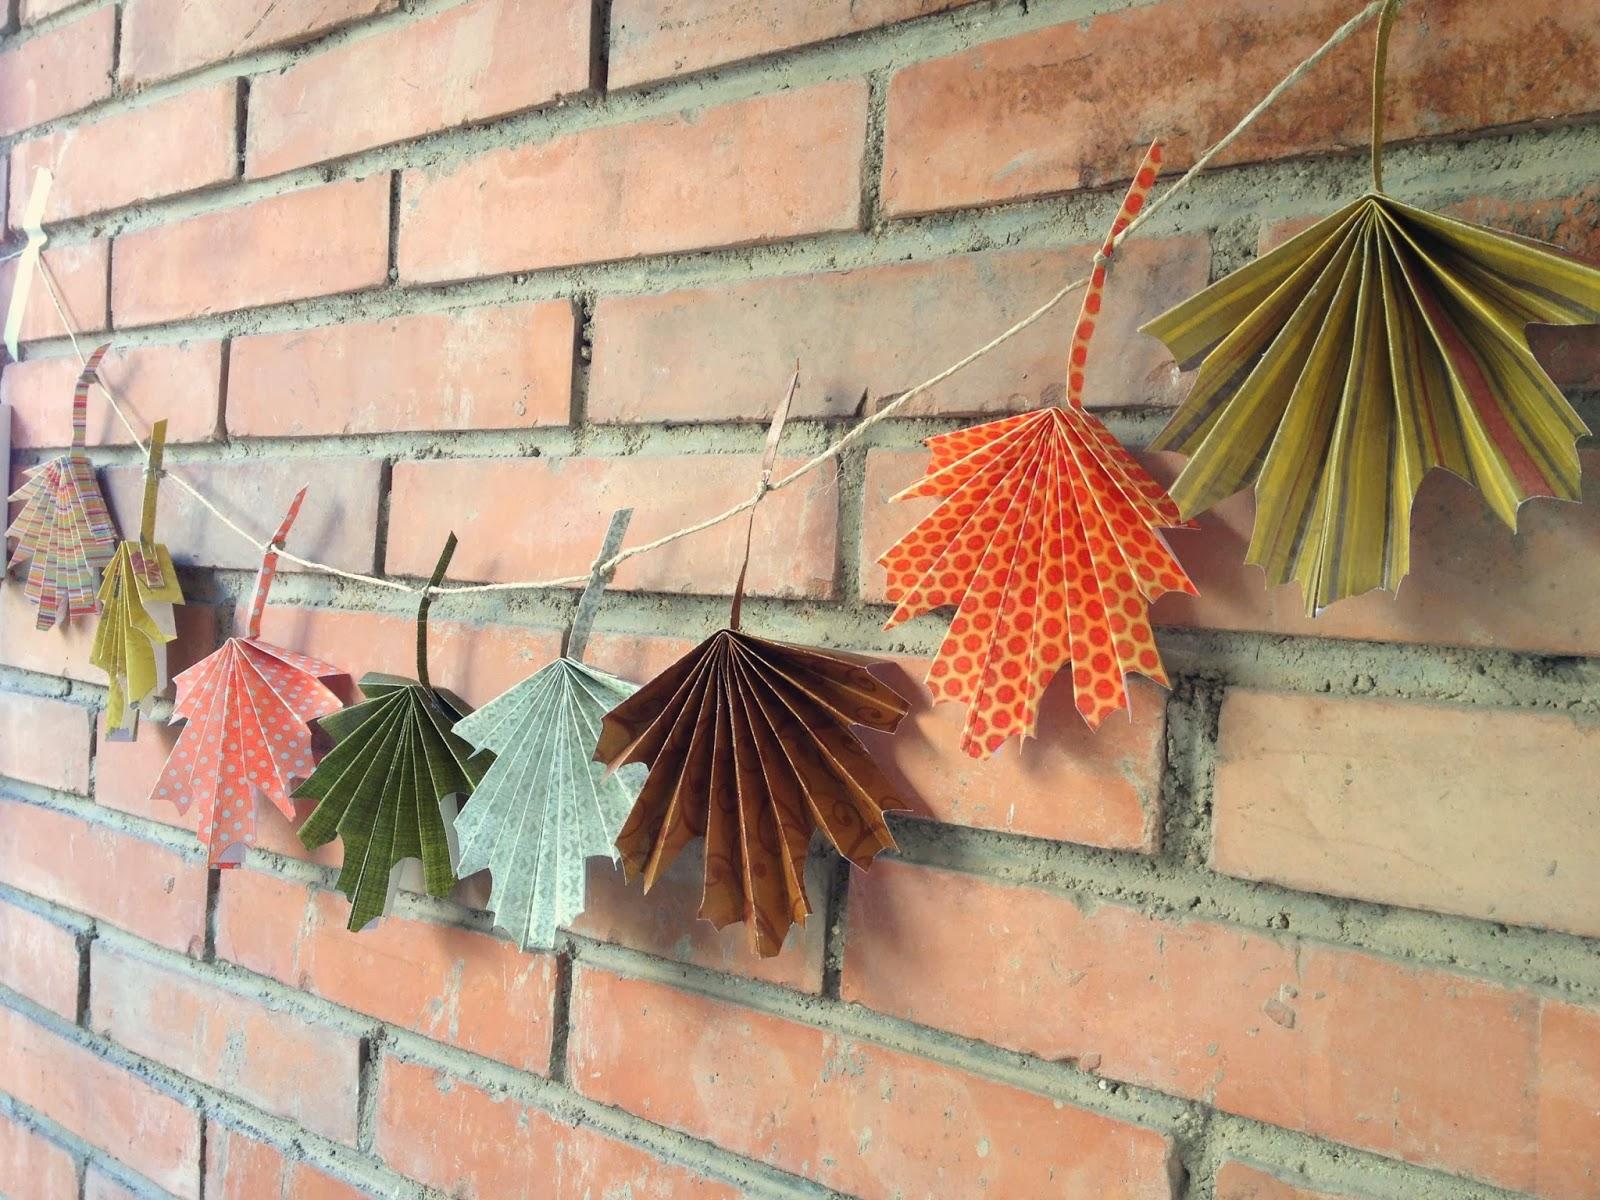 De puntadas y otros enredos tutorial express guirnalda de hojas de oto o - Hojas de otono para decorar ...